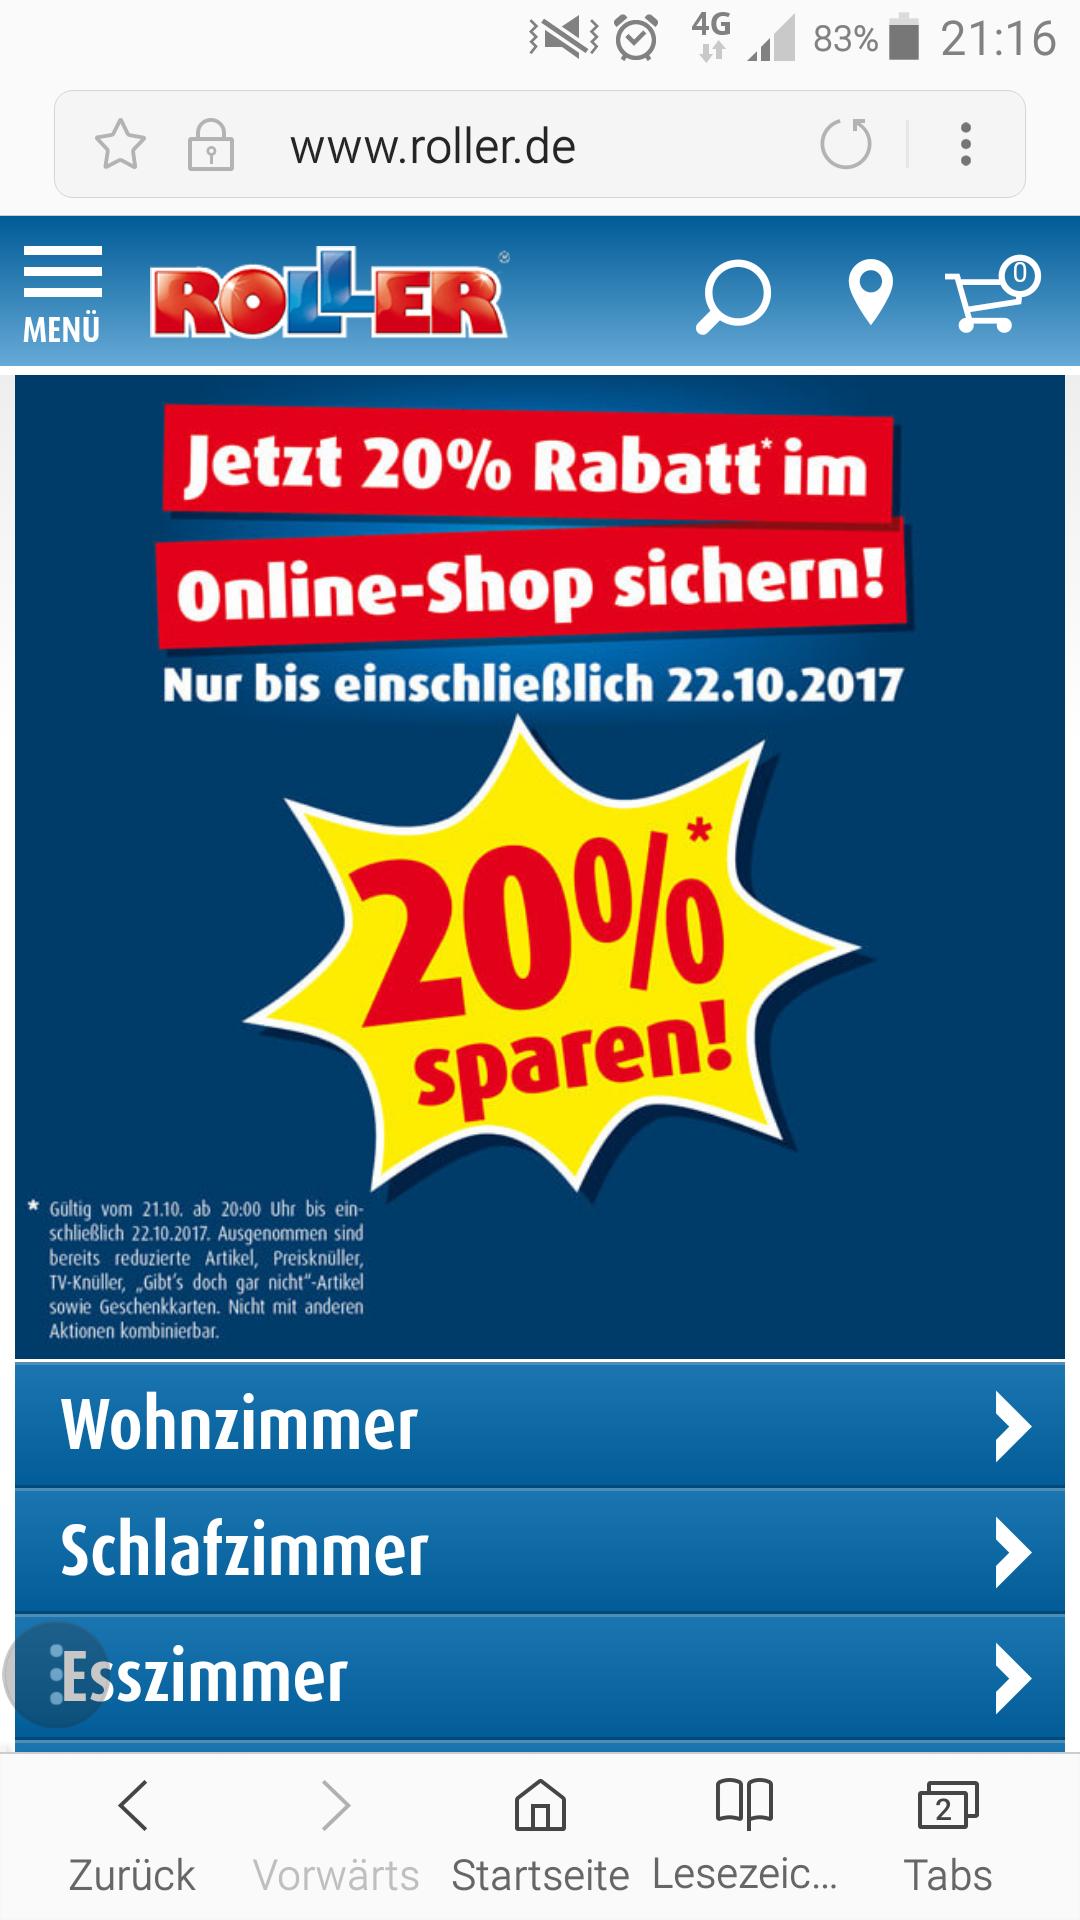 ROLLER 20% Rabatt -nur online-